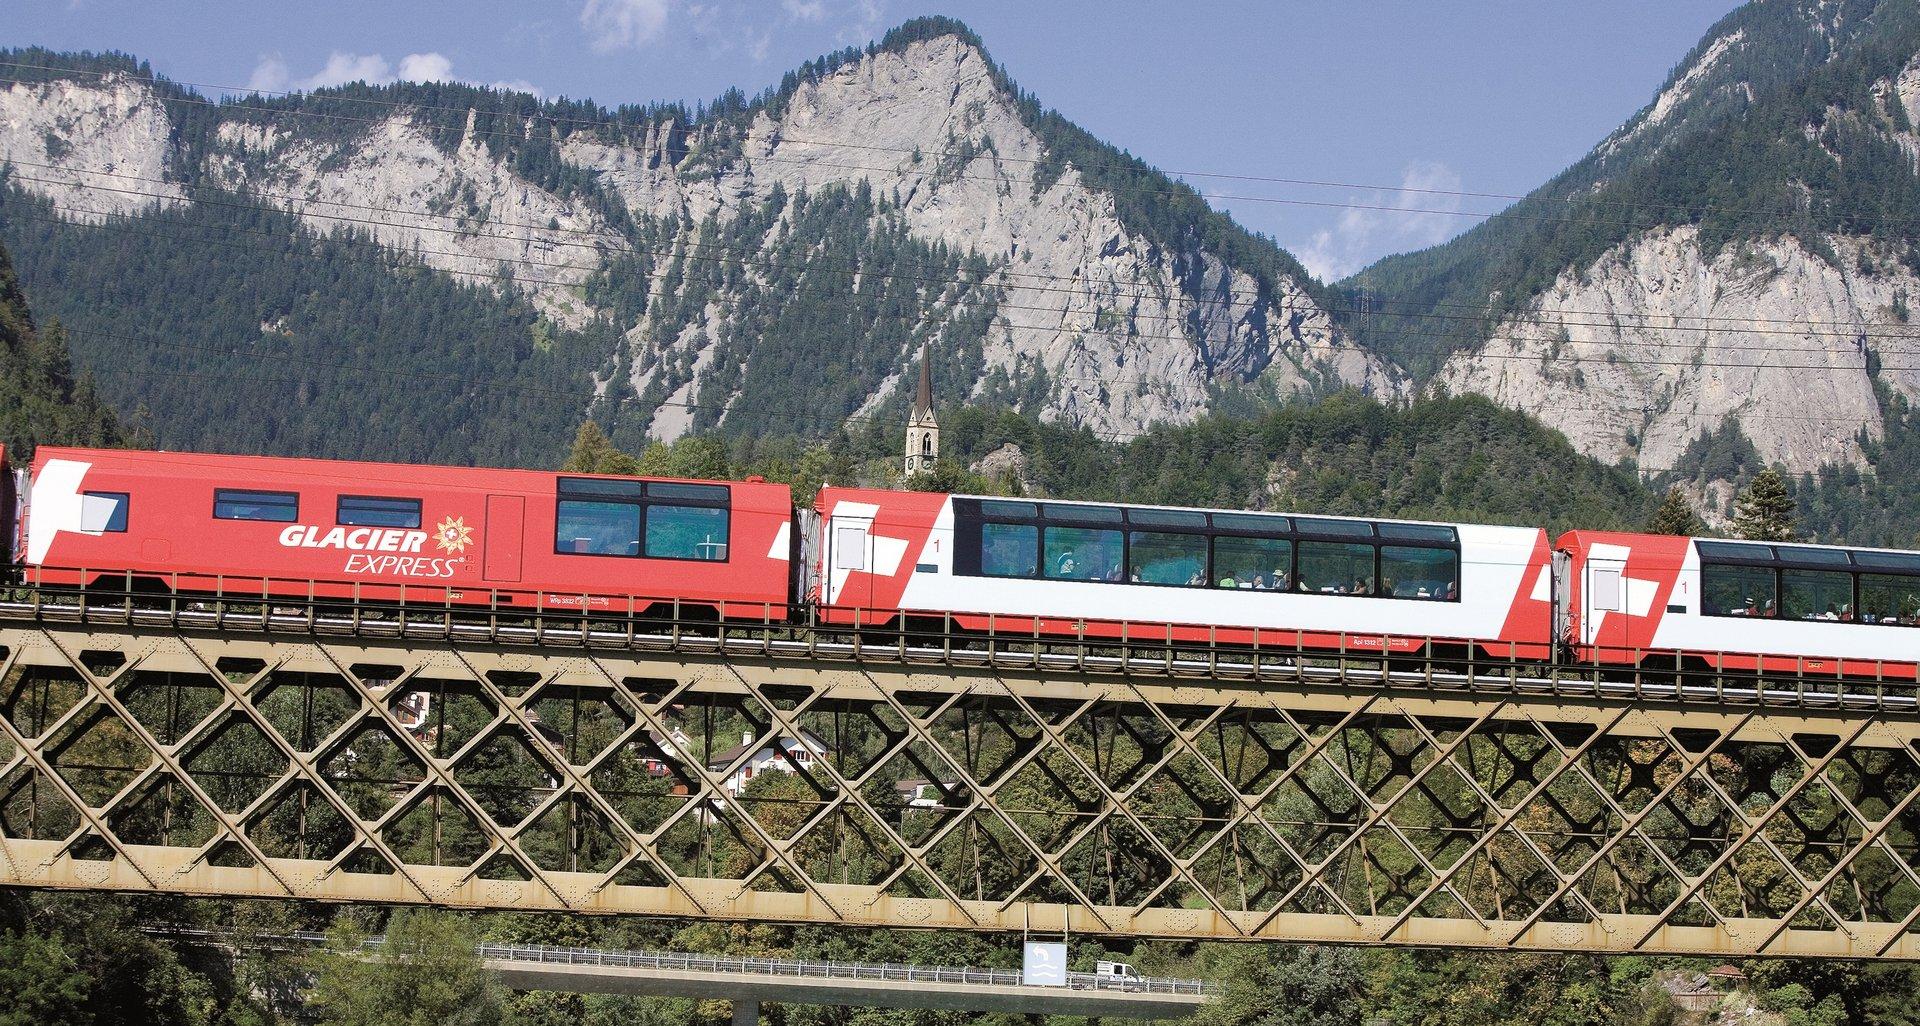 Glacier Express, Sommer, Rheinbr�cke, Vorderrhein, Hinterrhein